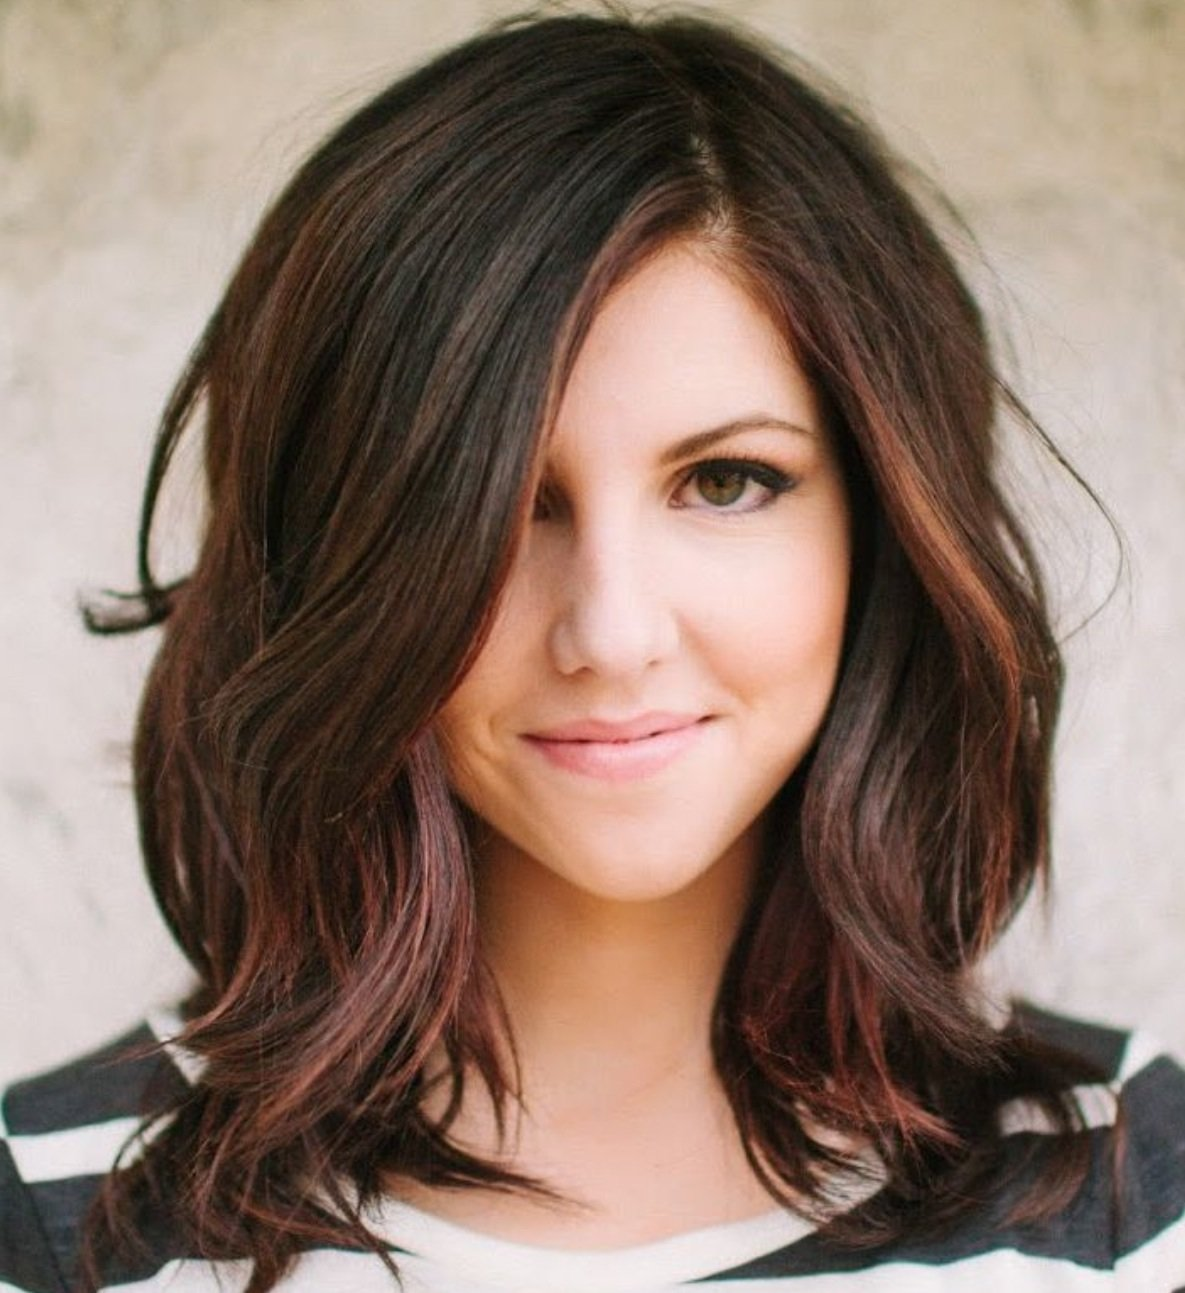 Fotos de cabelos ruivos curtos 25